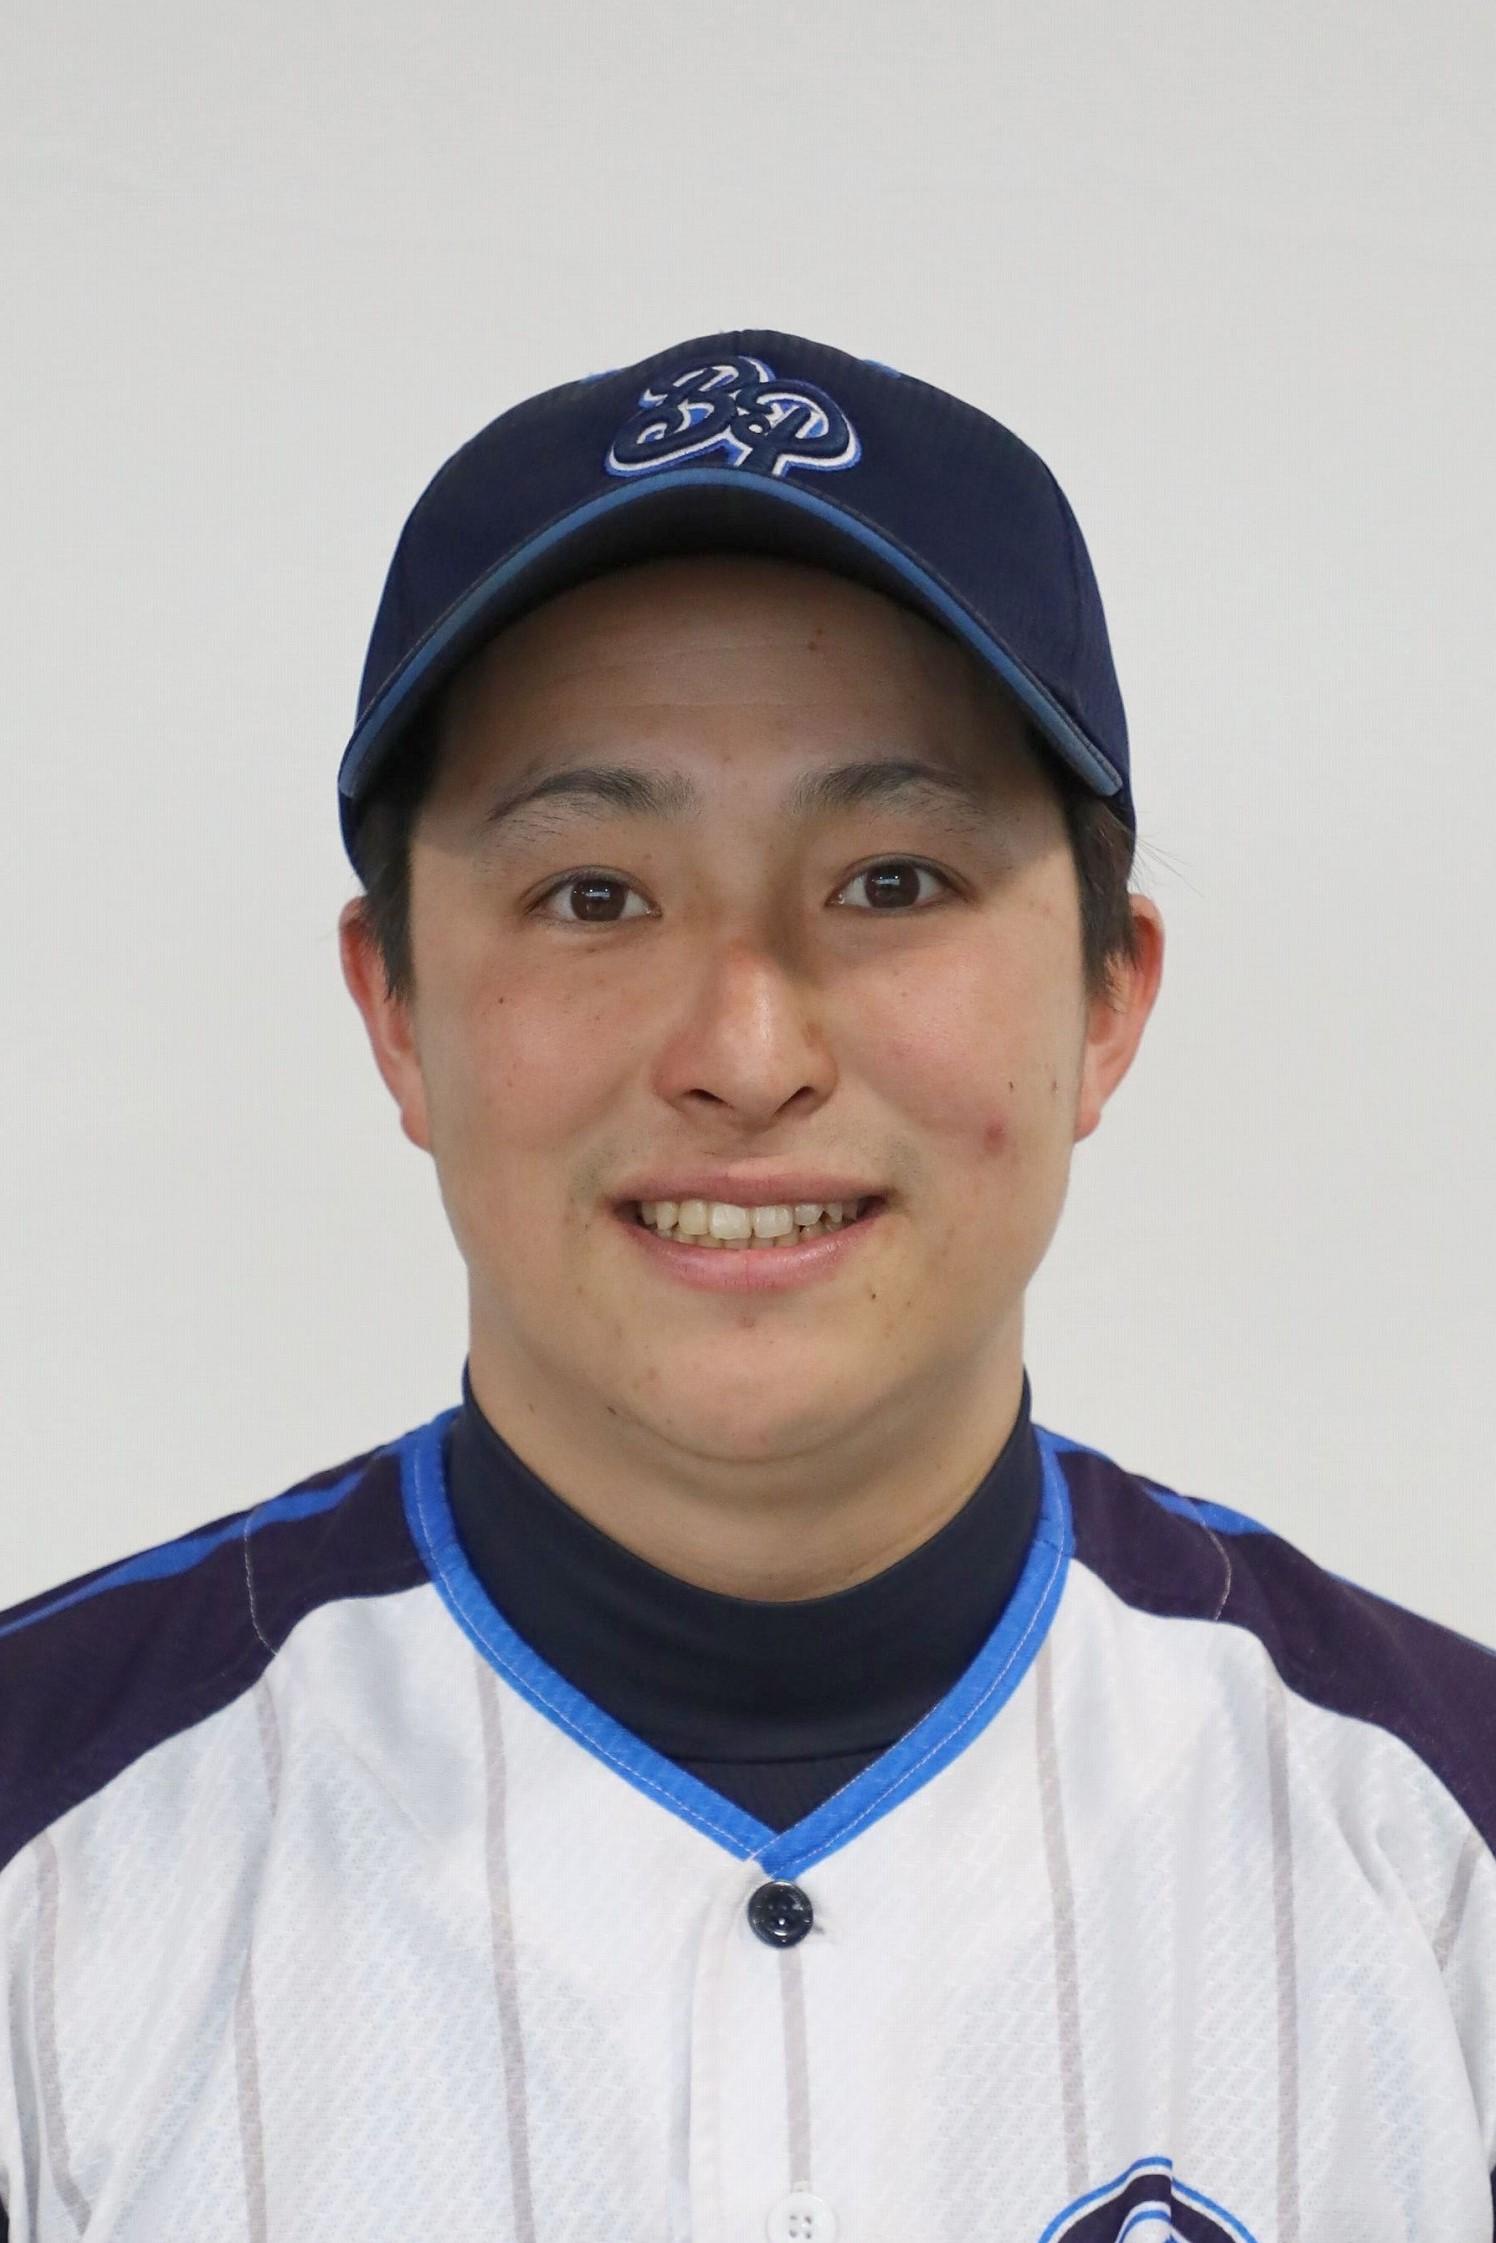 キャプテンとして初の公式戦となる林和宏選手